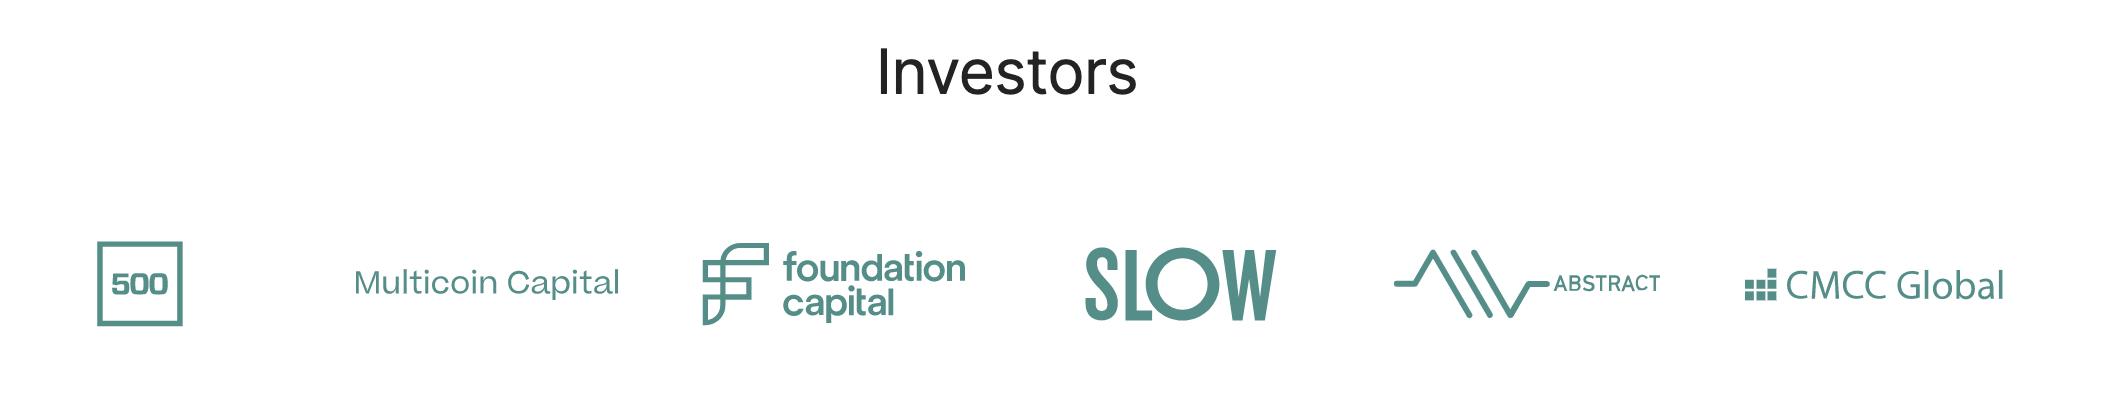 Solana's (SOL) investors